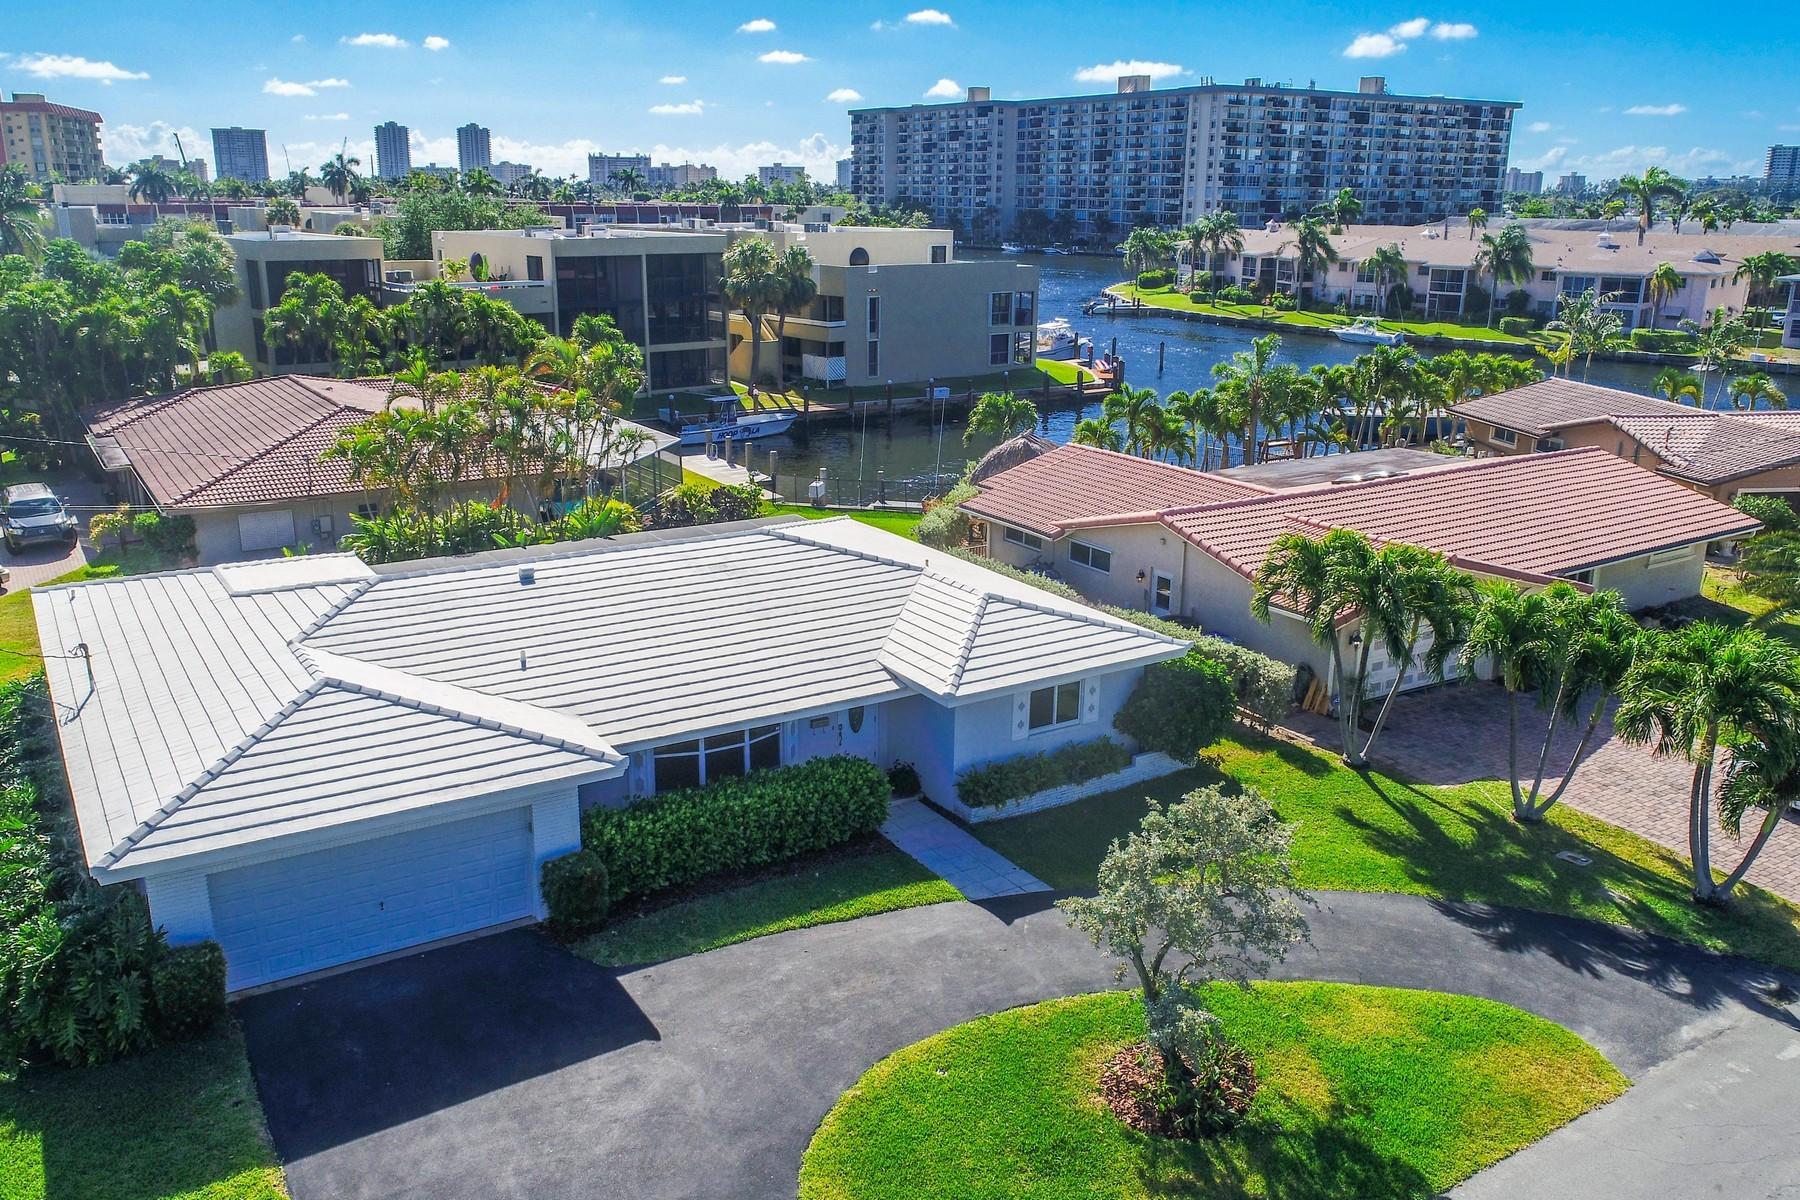 Einfamilienhaus für Verkauf beim 590 SE 10 Ave, Pompano Beach, FL 33060 590 SE 10 Ave Pompano Beach, Florida 33060 Vereinigte Staaten